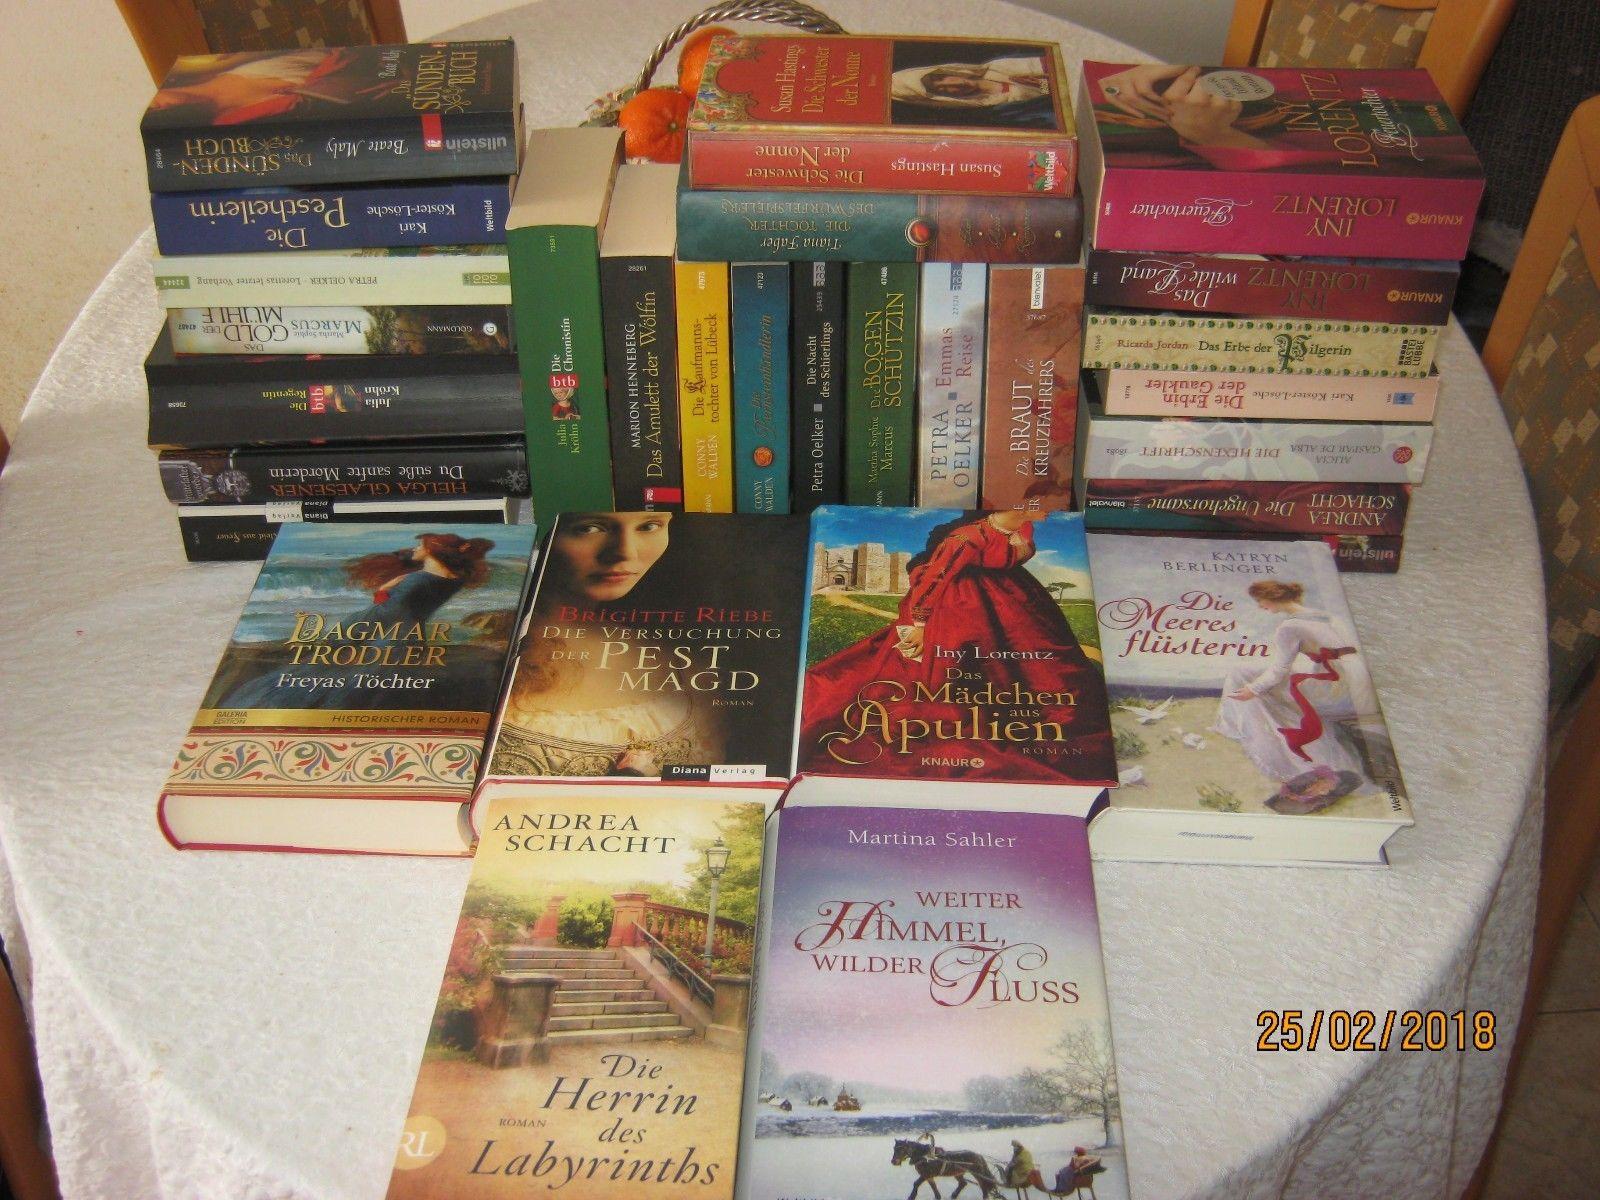 30 Historische Romane Bücherpaket Bekannte Autoren Lorentz, Sahler, Schacht usw